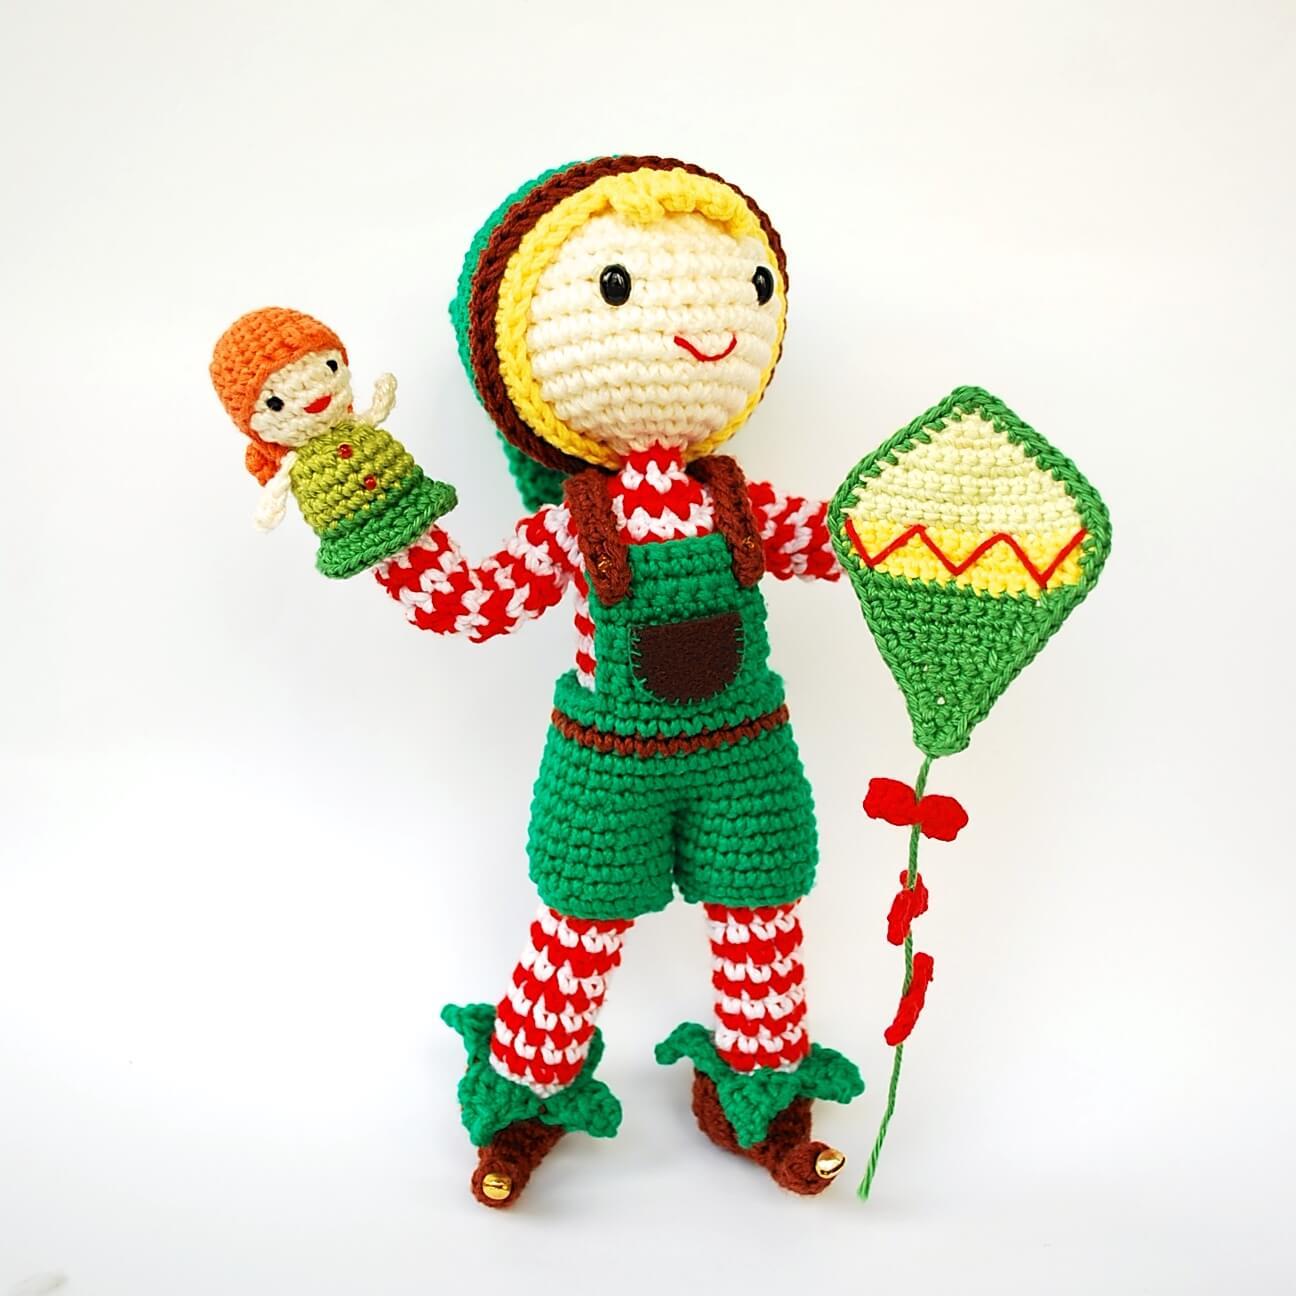 Crafteando, que es gerundio: Alfred, el elfo navideño de amigurumi